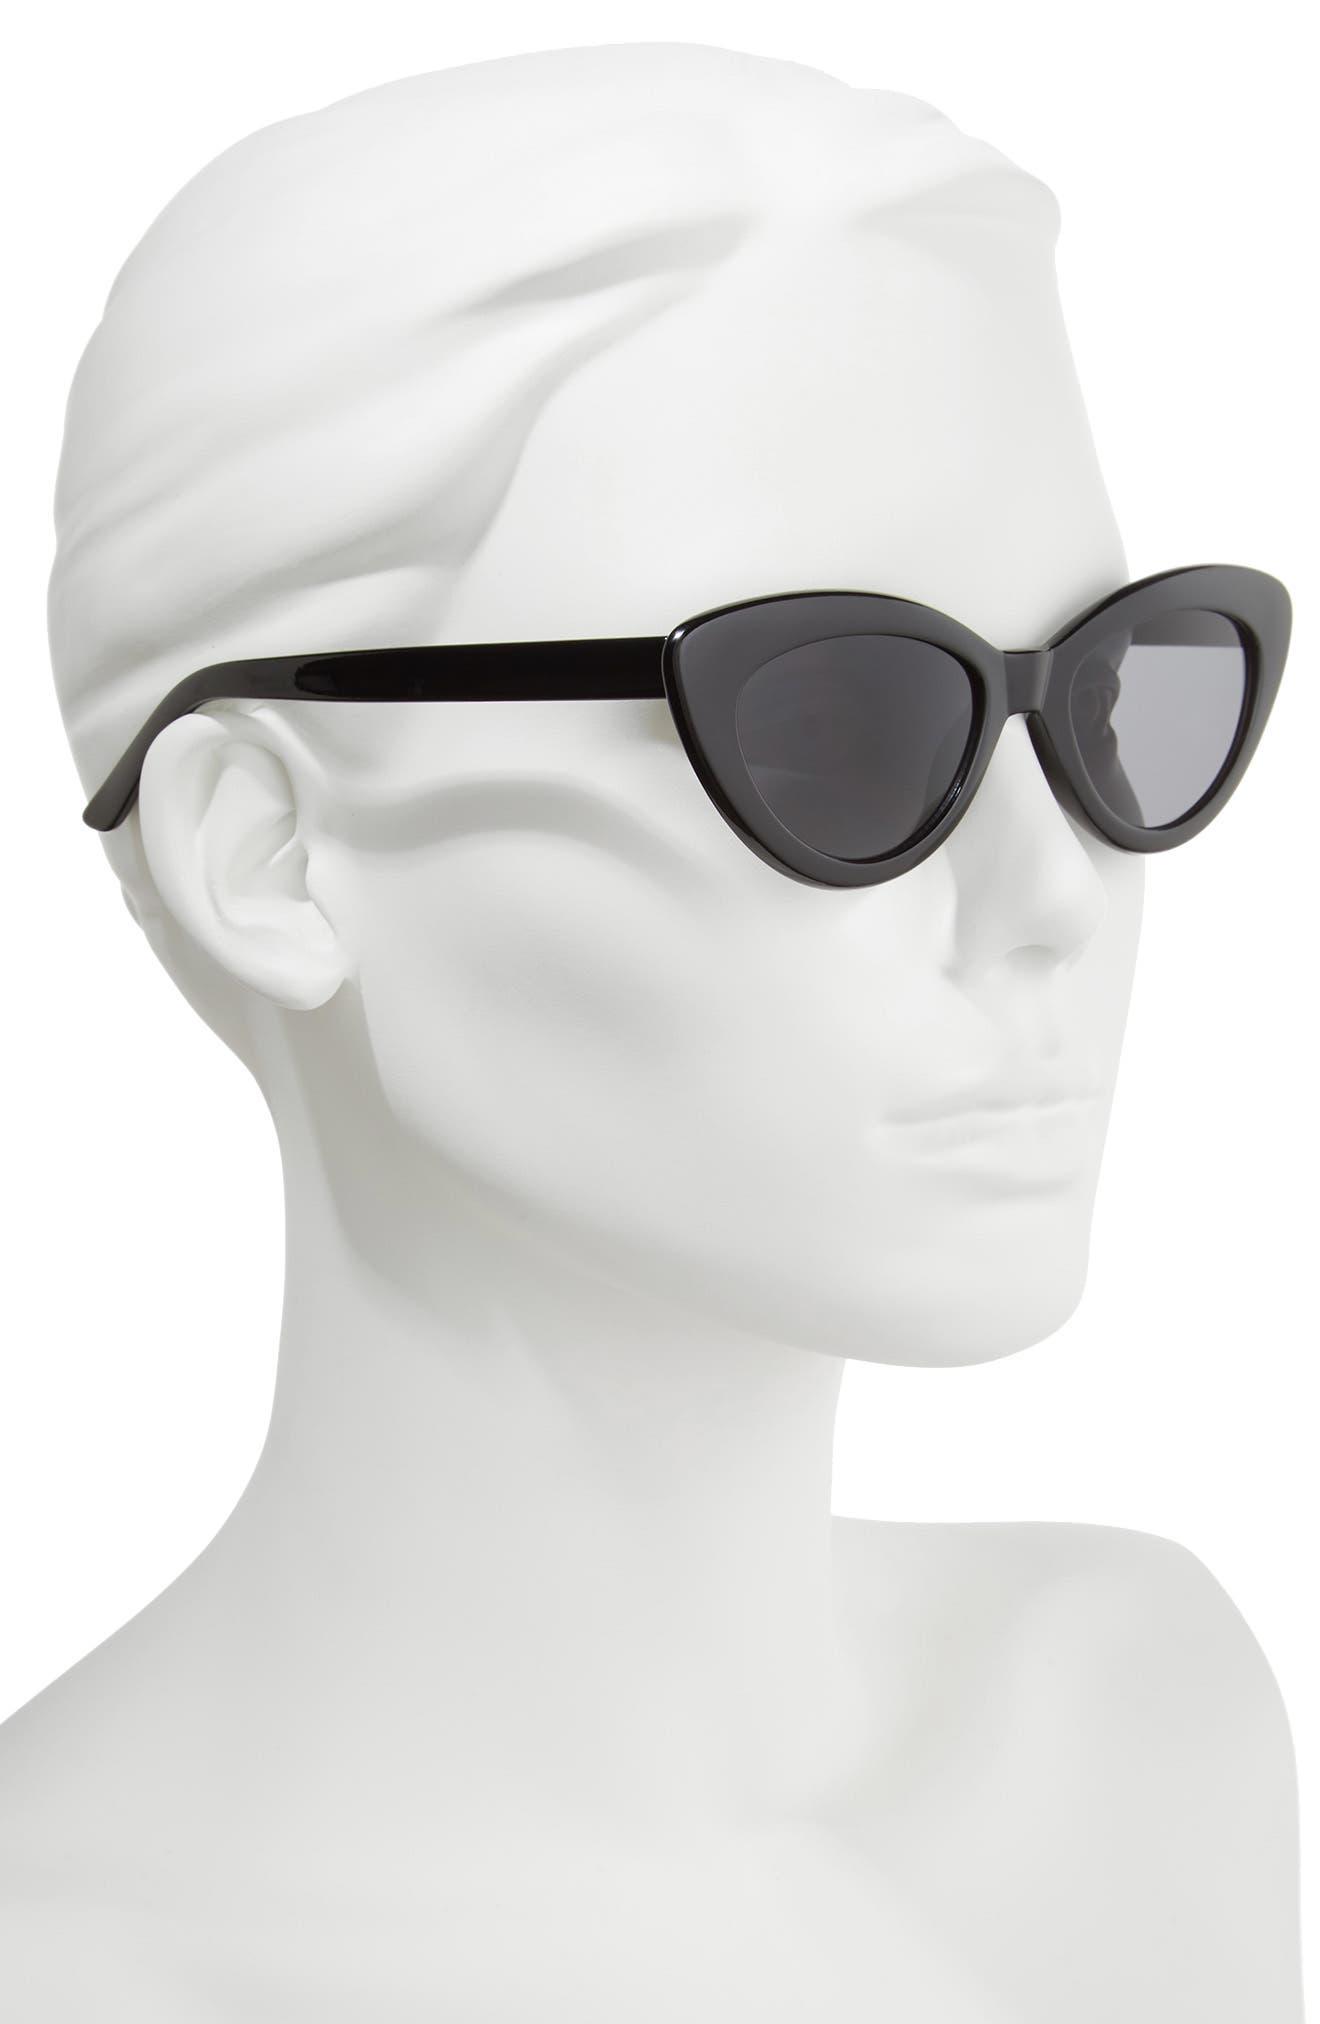 51mm Mini Cat Eye Sunglasses,                             Alternate thumbnail 2, color,                             001